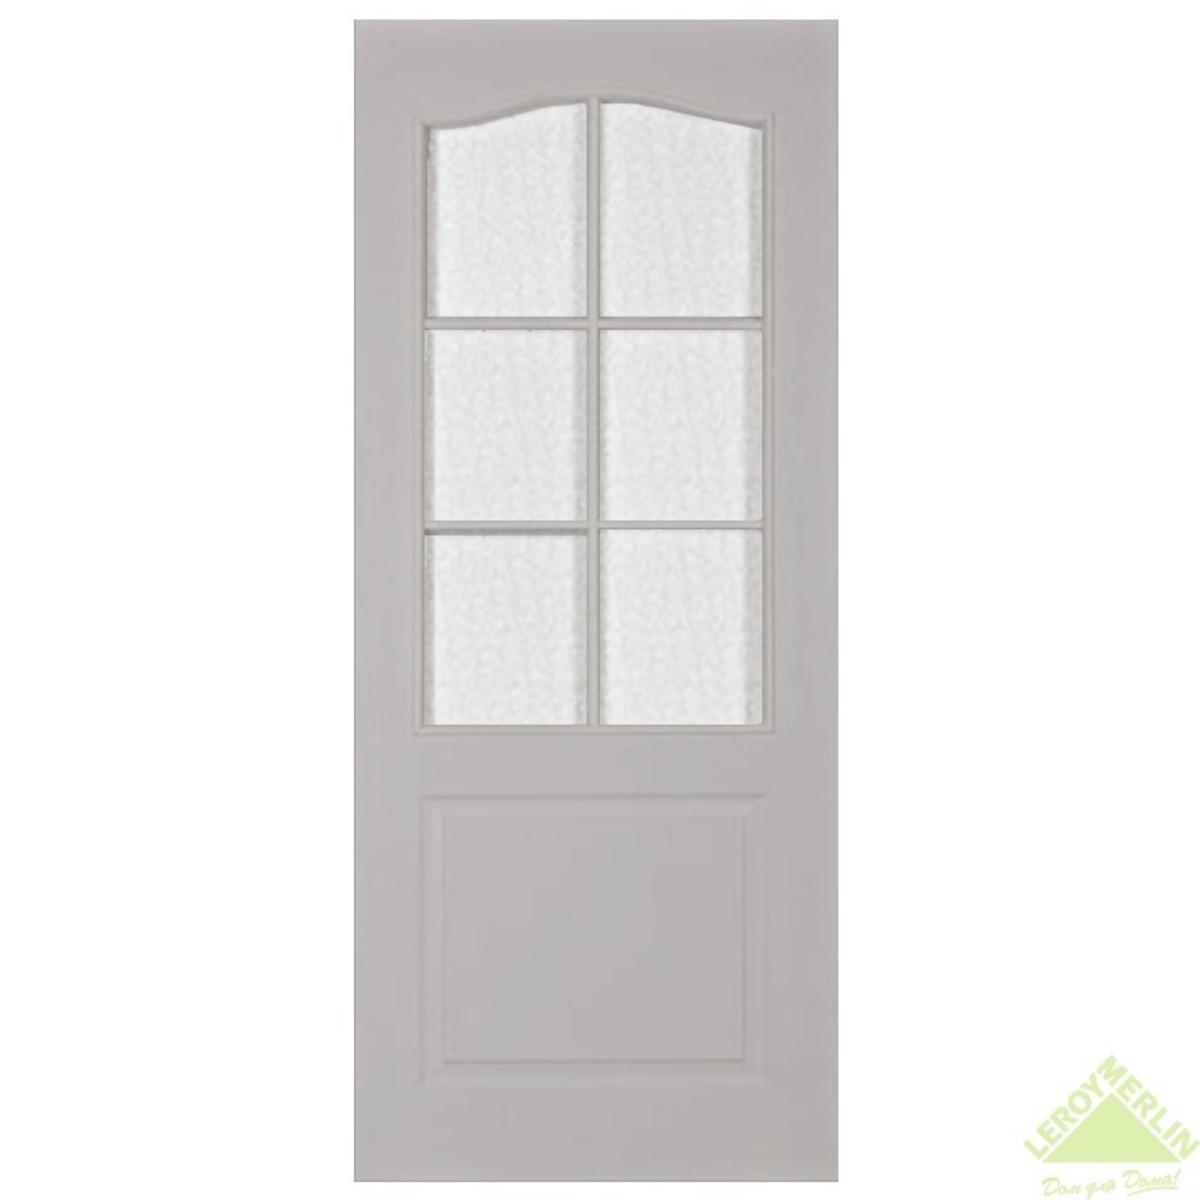 Дверь межкомнатная остеклённая Палитра 70x200 см ламинация цвет дуб белёный